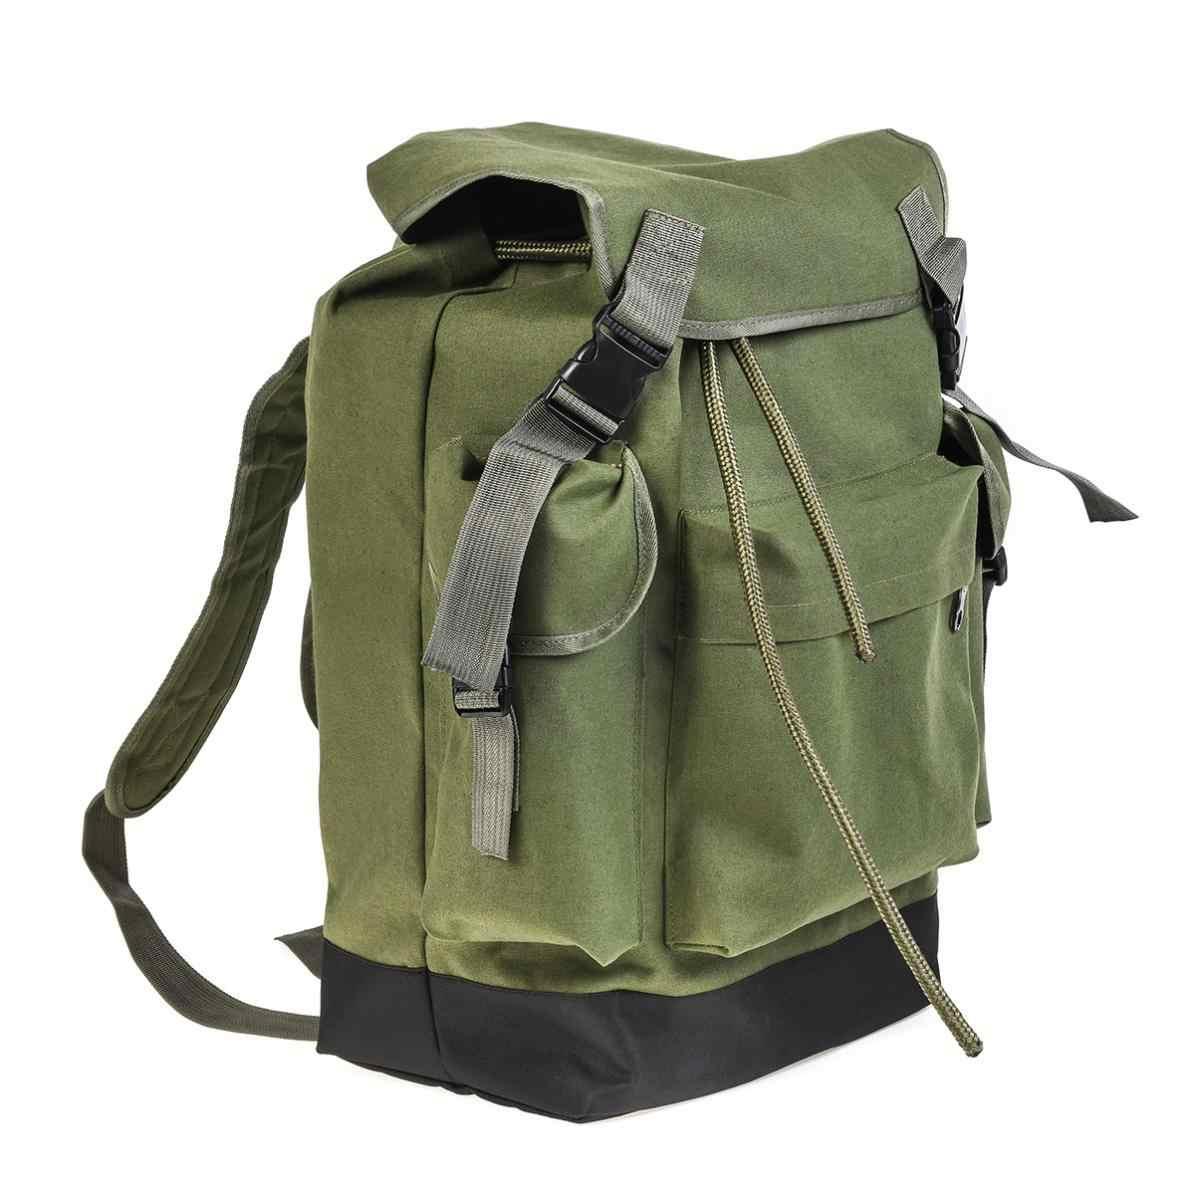 70L вместительный Многофункциональный зелено-армейский брезентовый сумка для Карповой ловли рыболовные снасти рюкзак